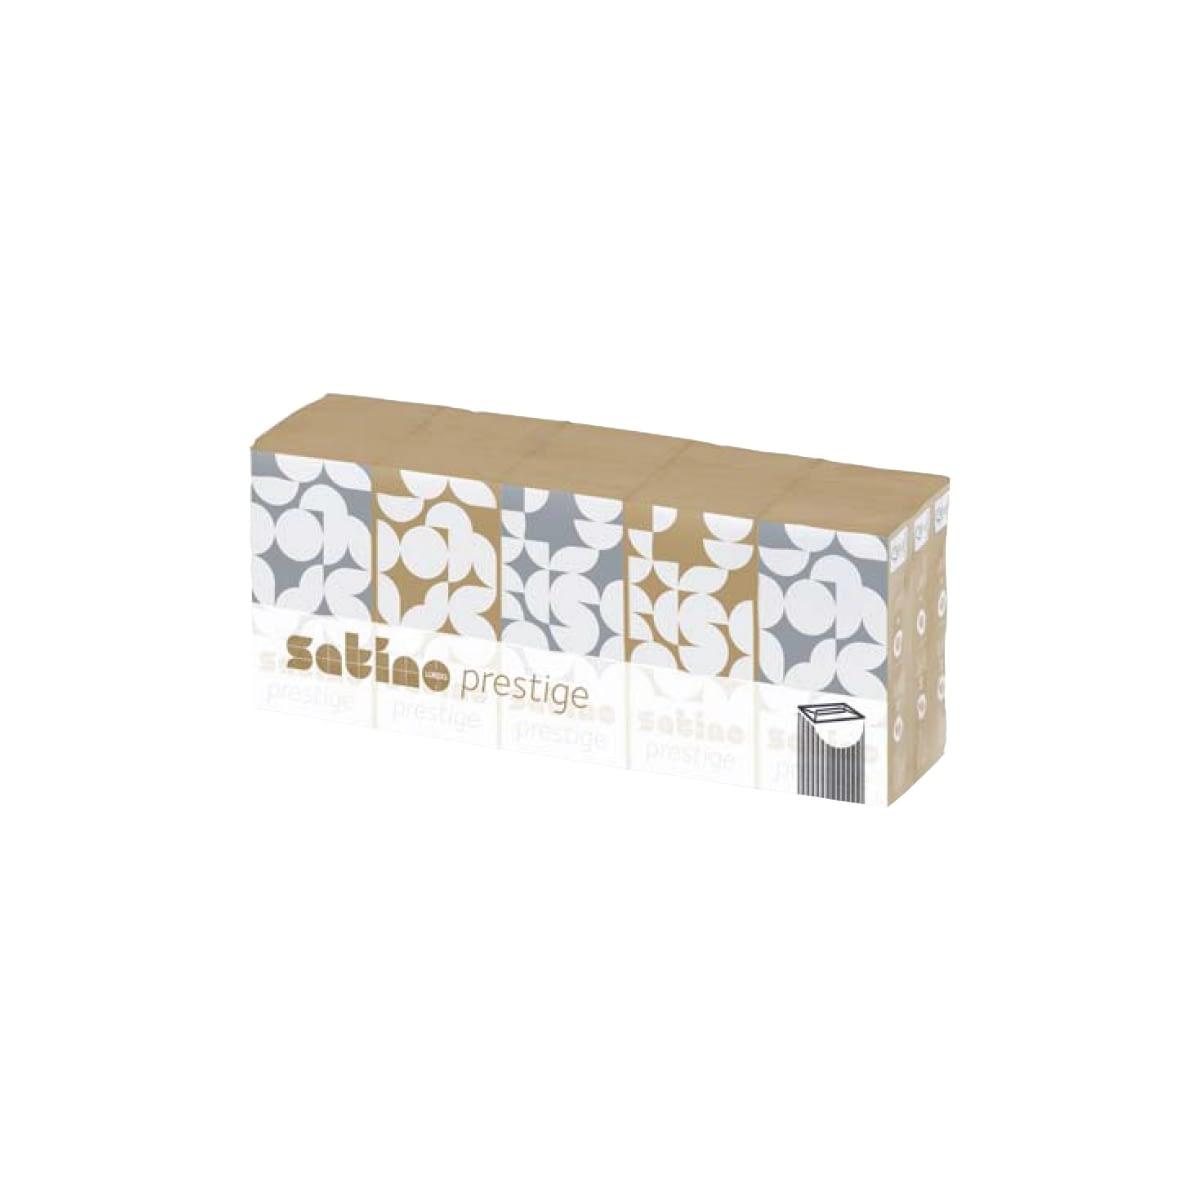 TTC Džepne kozmetičke maramice, Satino Prestige, 100% celuloza, 4 sloja, 21x21cm, Pakovanje: 15×10 maramica